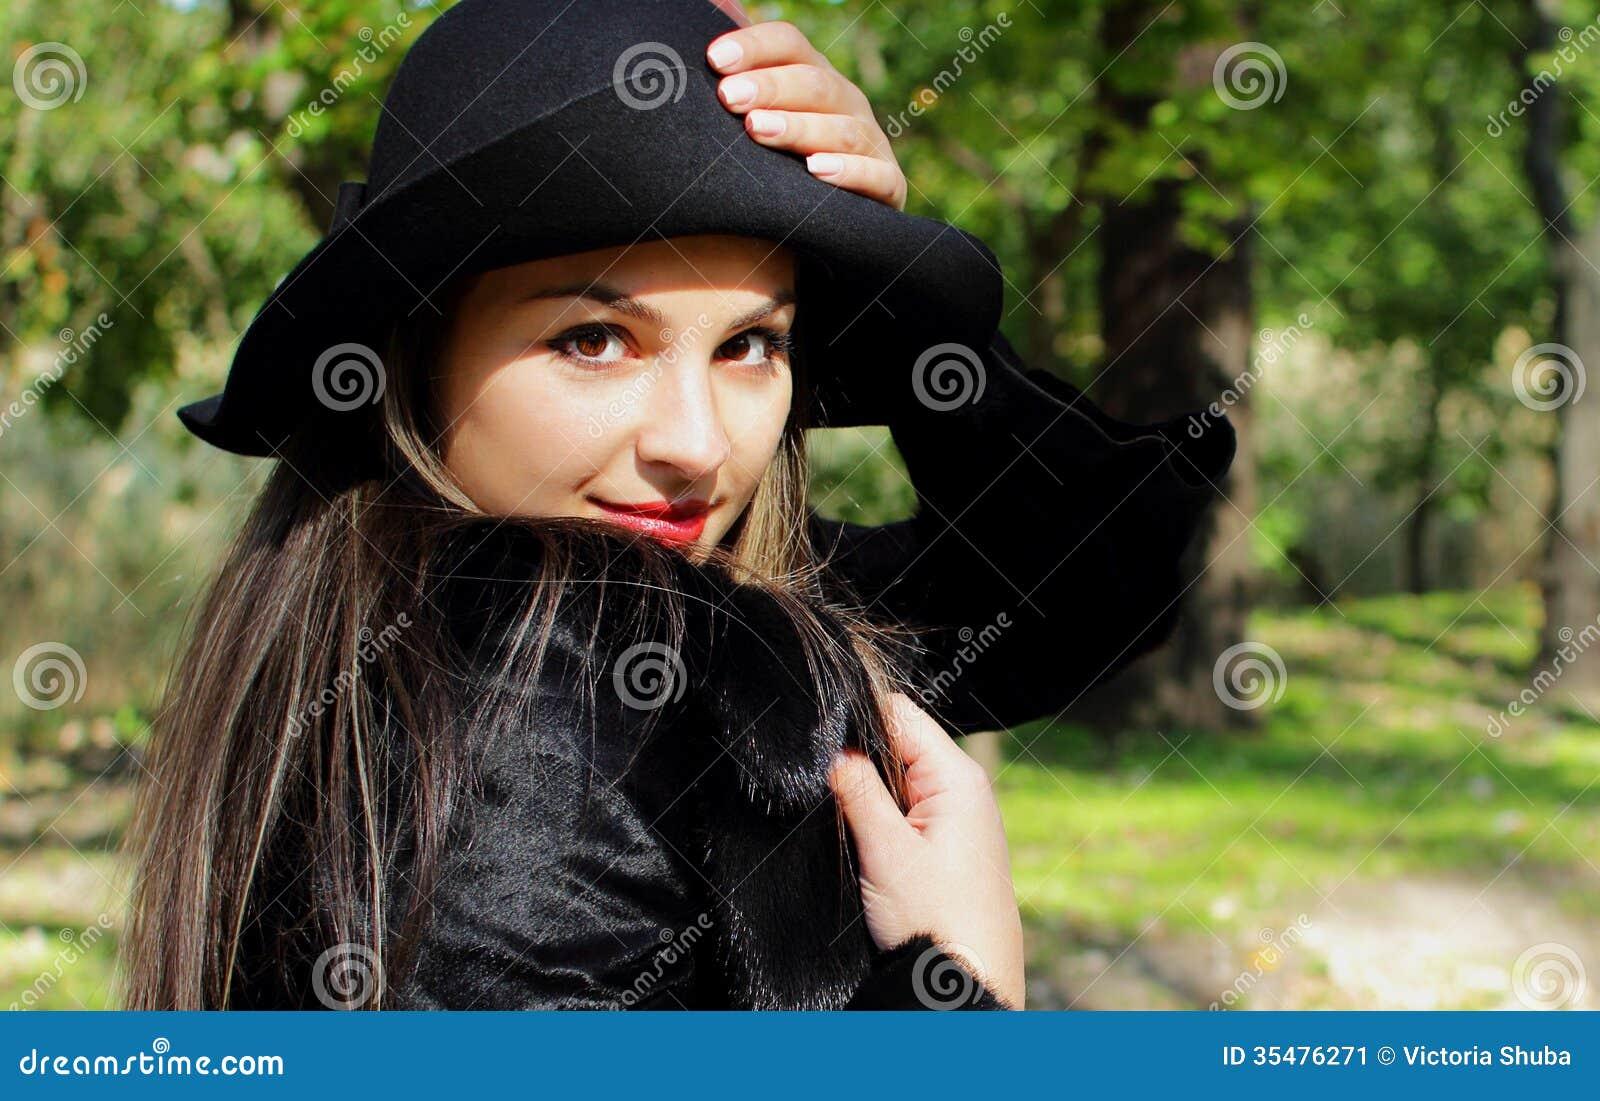 belle fille avec de longs cheveux et un chapeau image. Black Bedroom Furniture Sets. Home Design Ideas